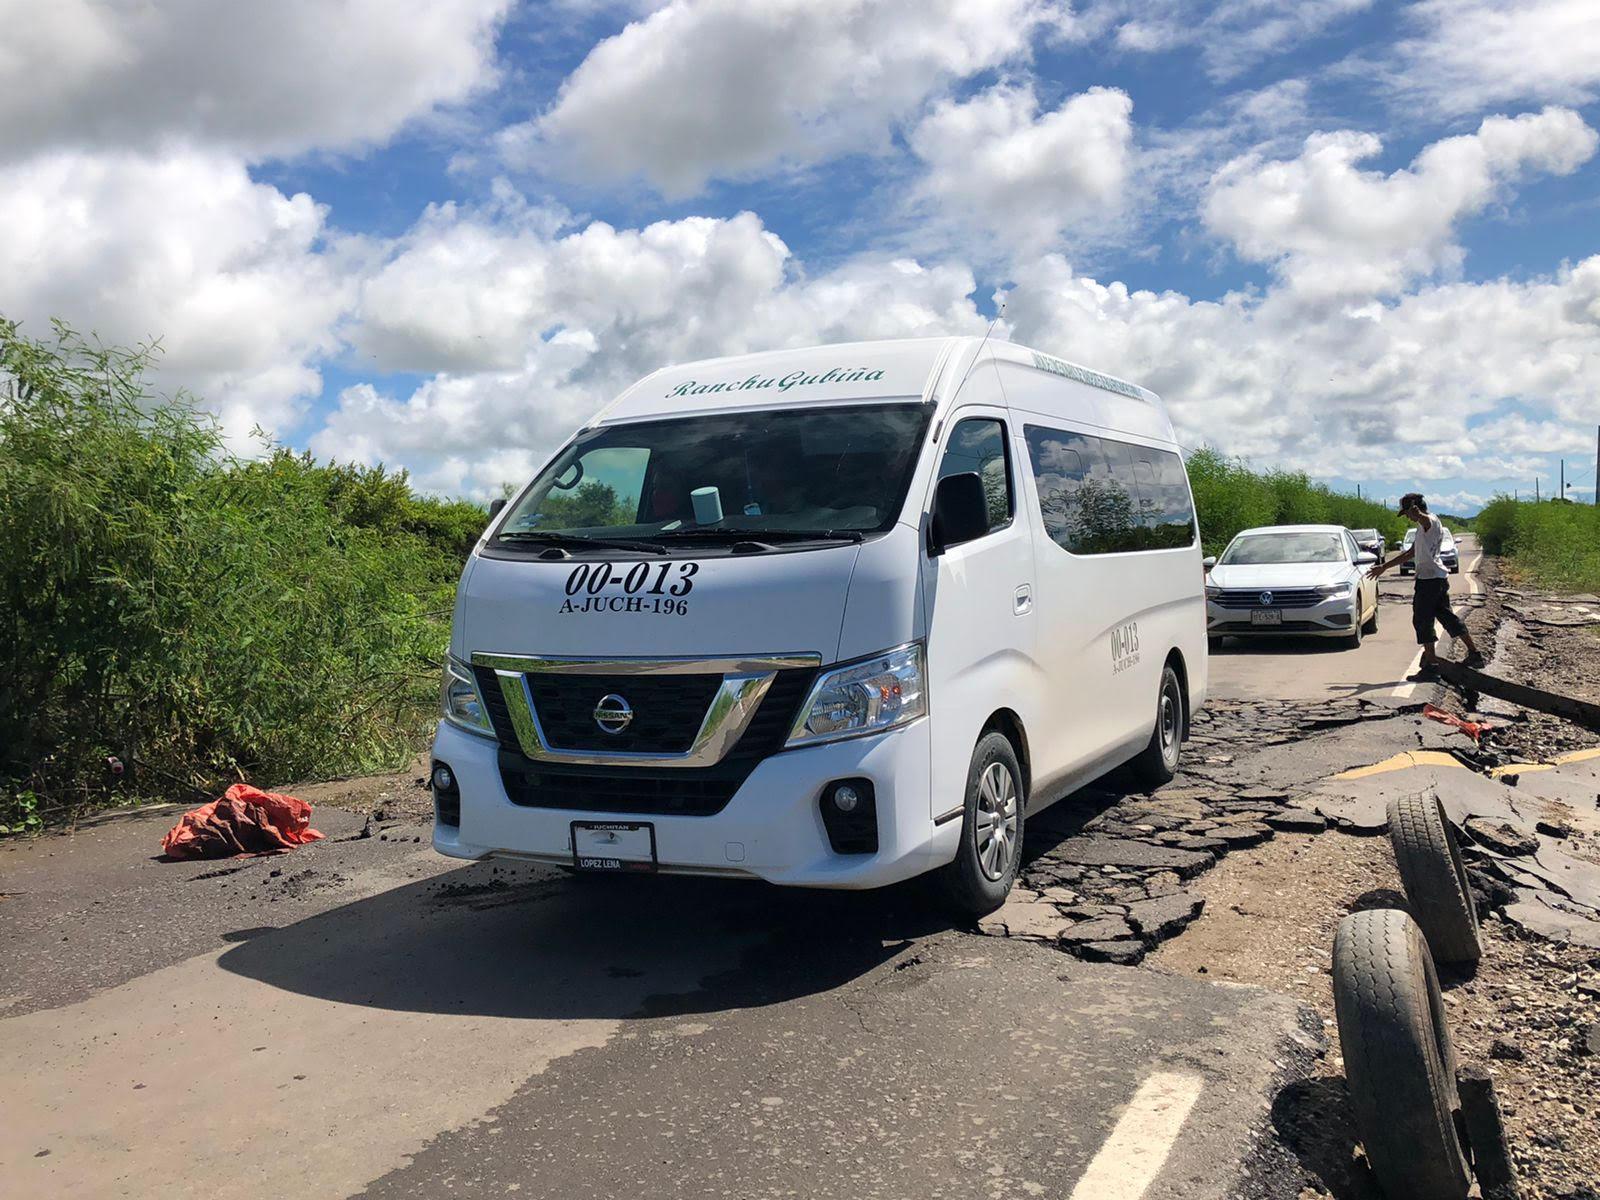 Lluvias destruyen carretera recién estrenada en Unión Hidalgo, Oaxaca; costó $14 mdp